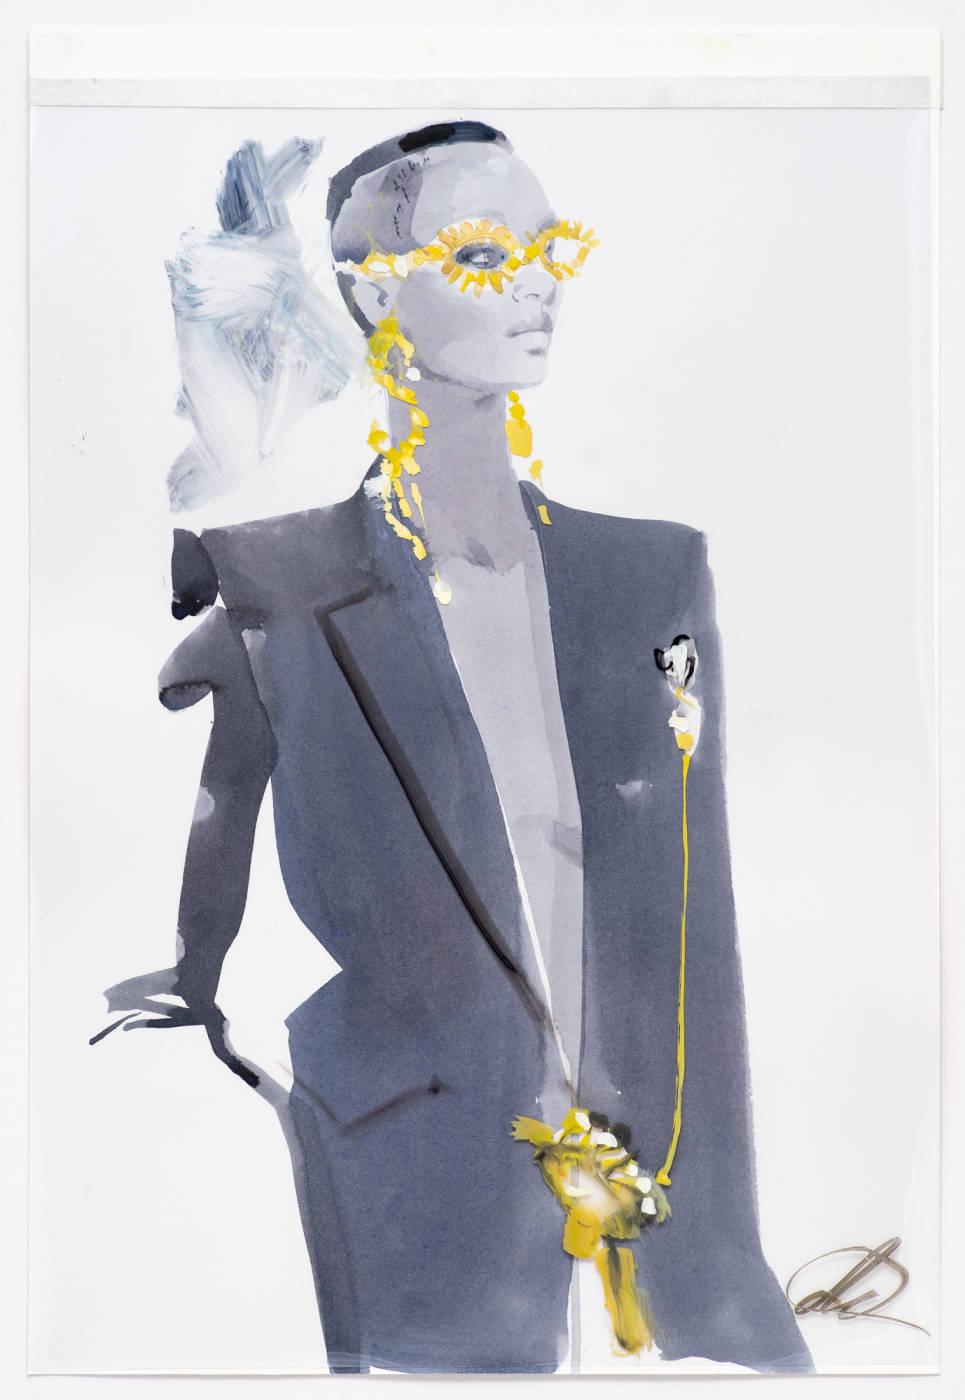 Schiaparelli Paris Couture Spring/Summer 2020